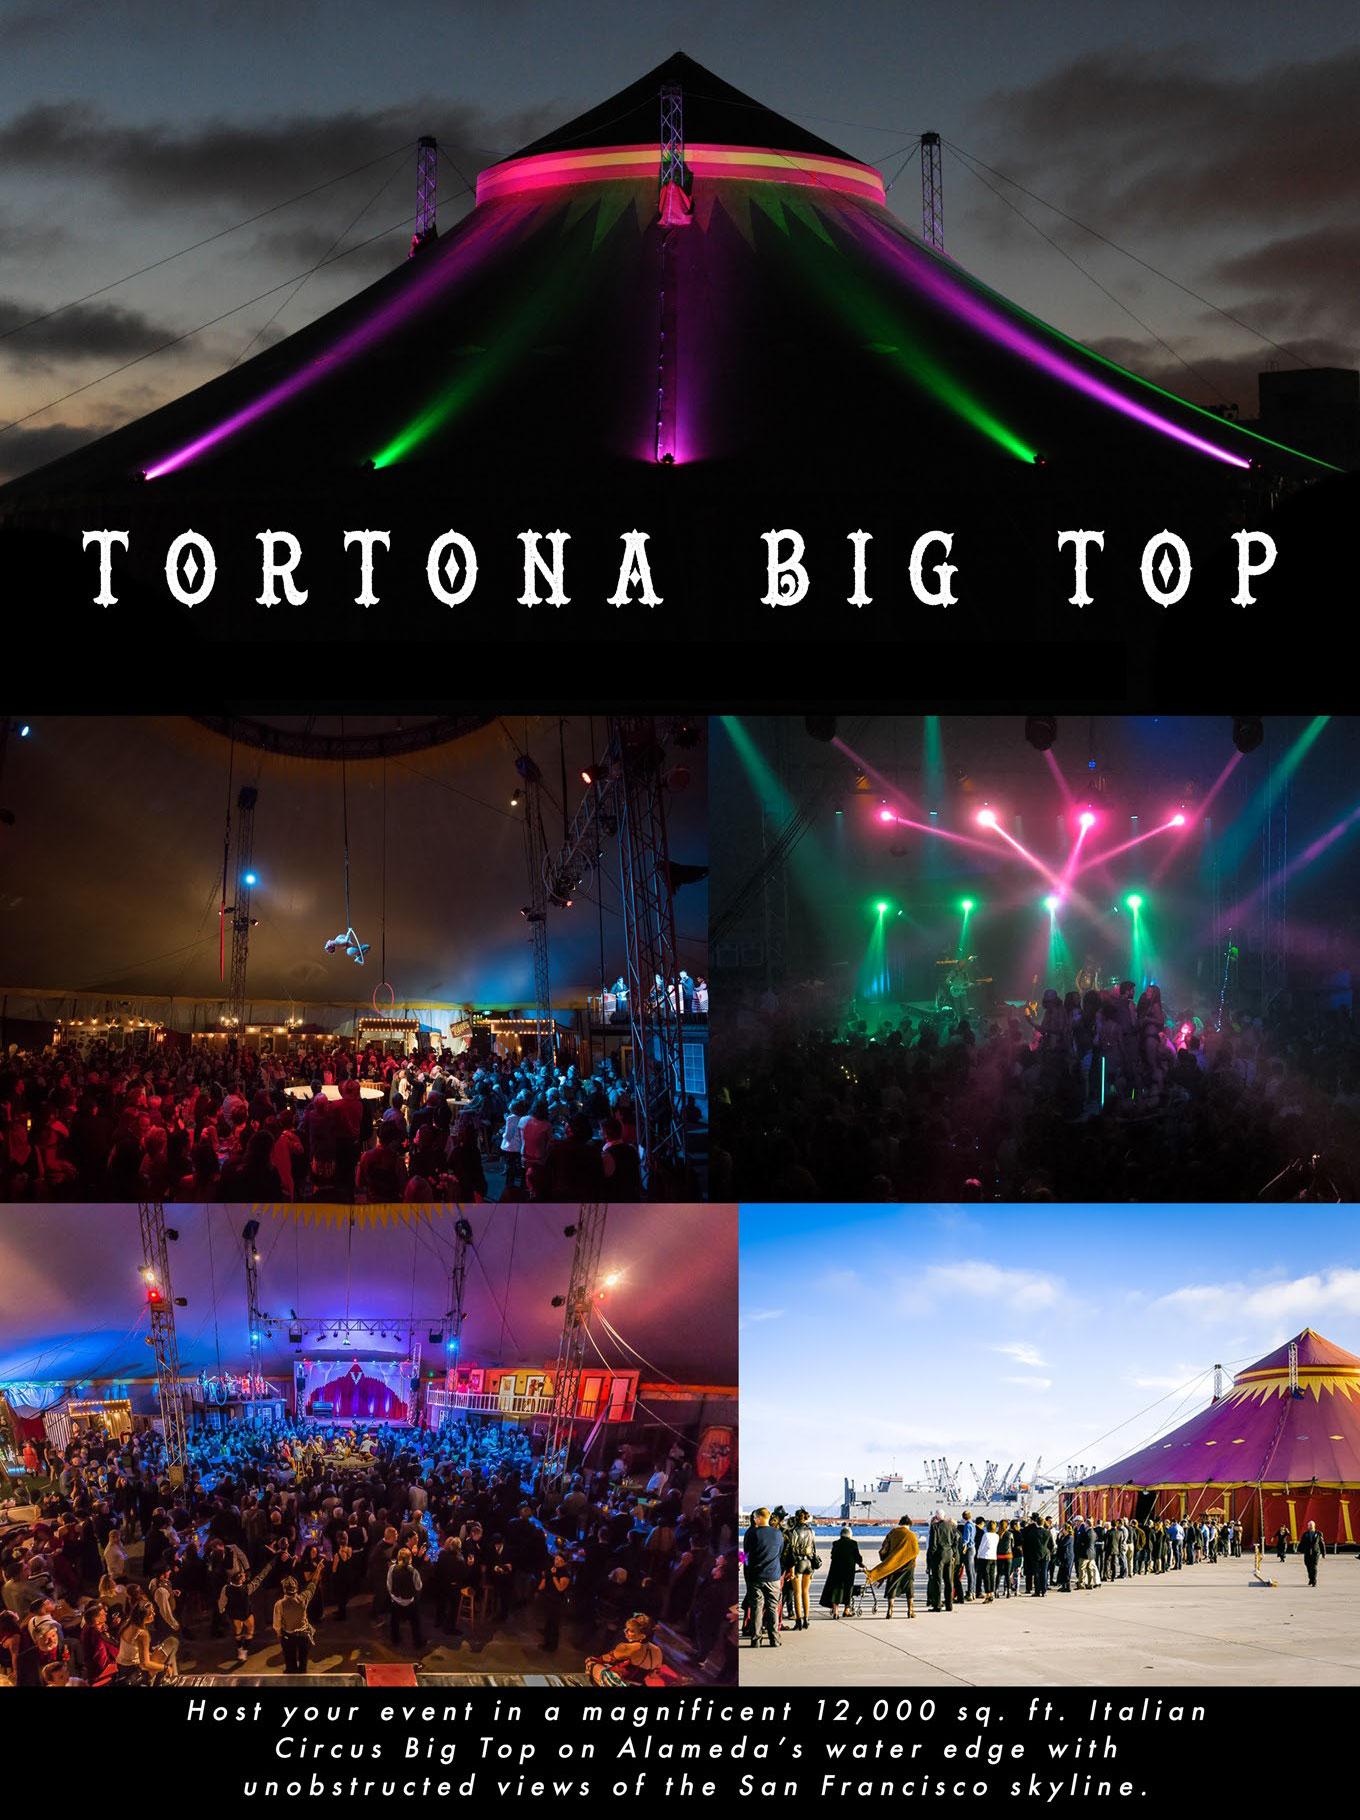 Tortona Big Top